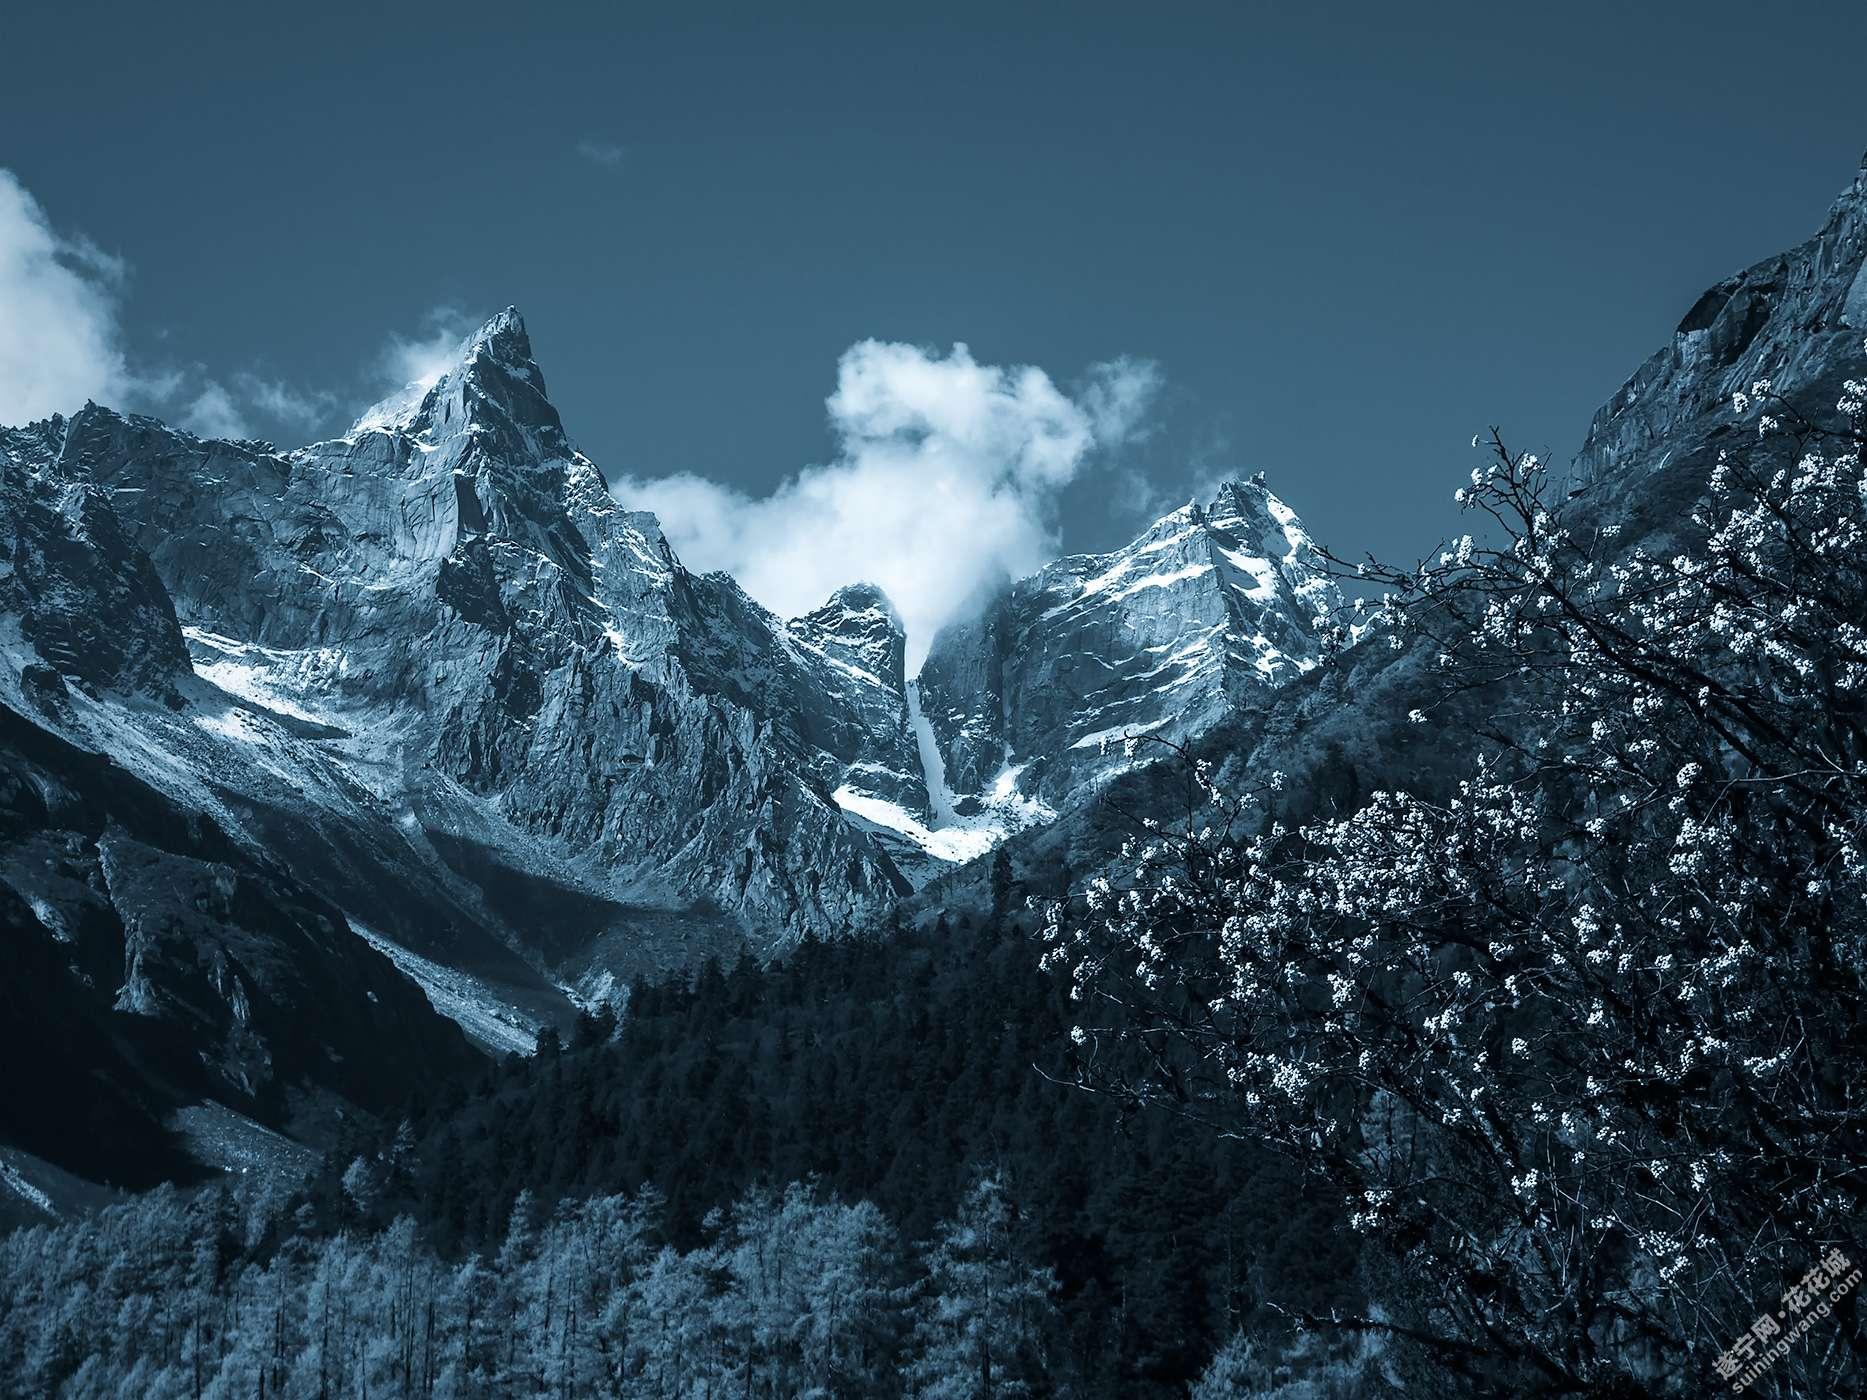 远方与诗·雪山